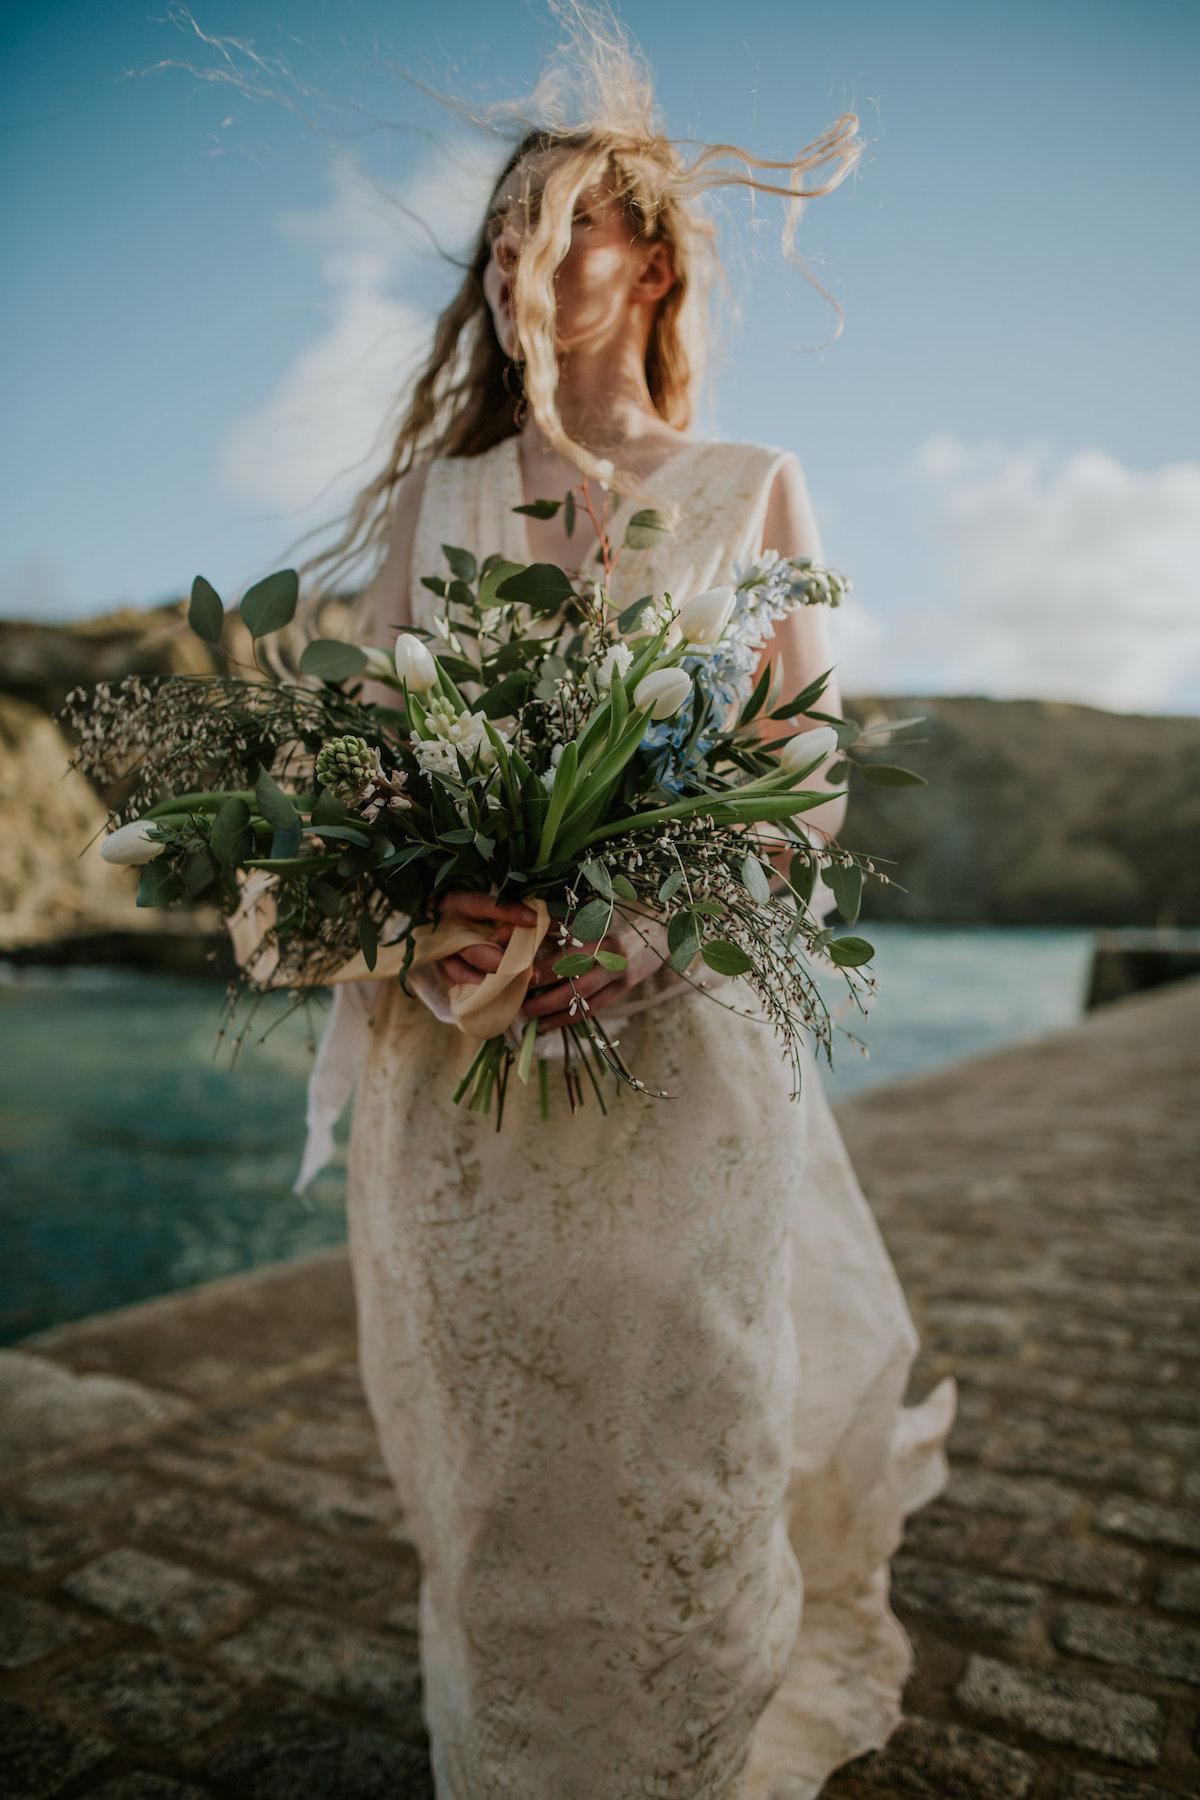 Loulabel Floral Design enchantedbridesphotography-1-3.jpg